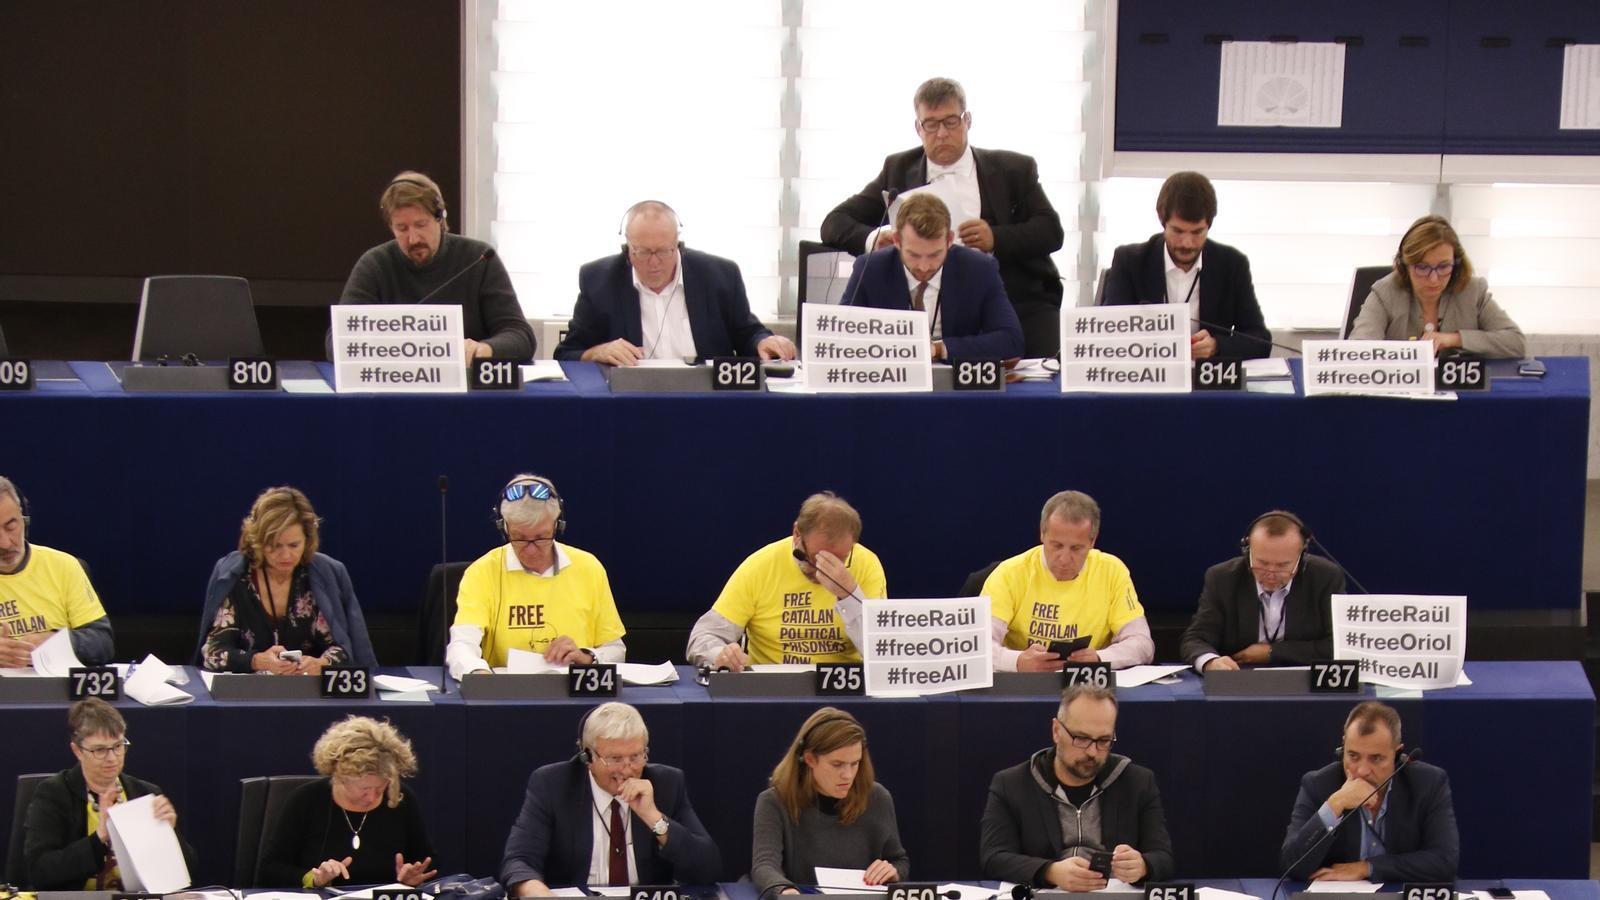 L'Eurocambra rebutja debatre sobre la situació a Catalunya